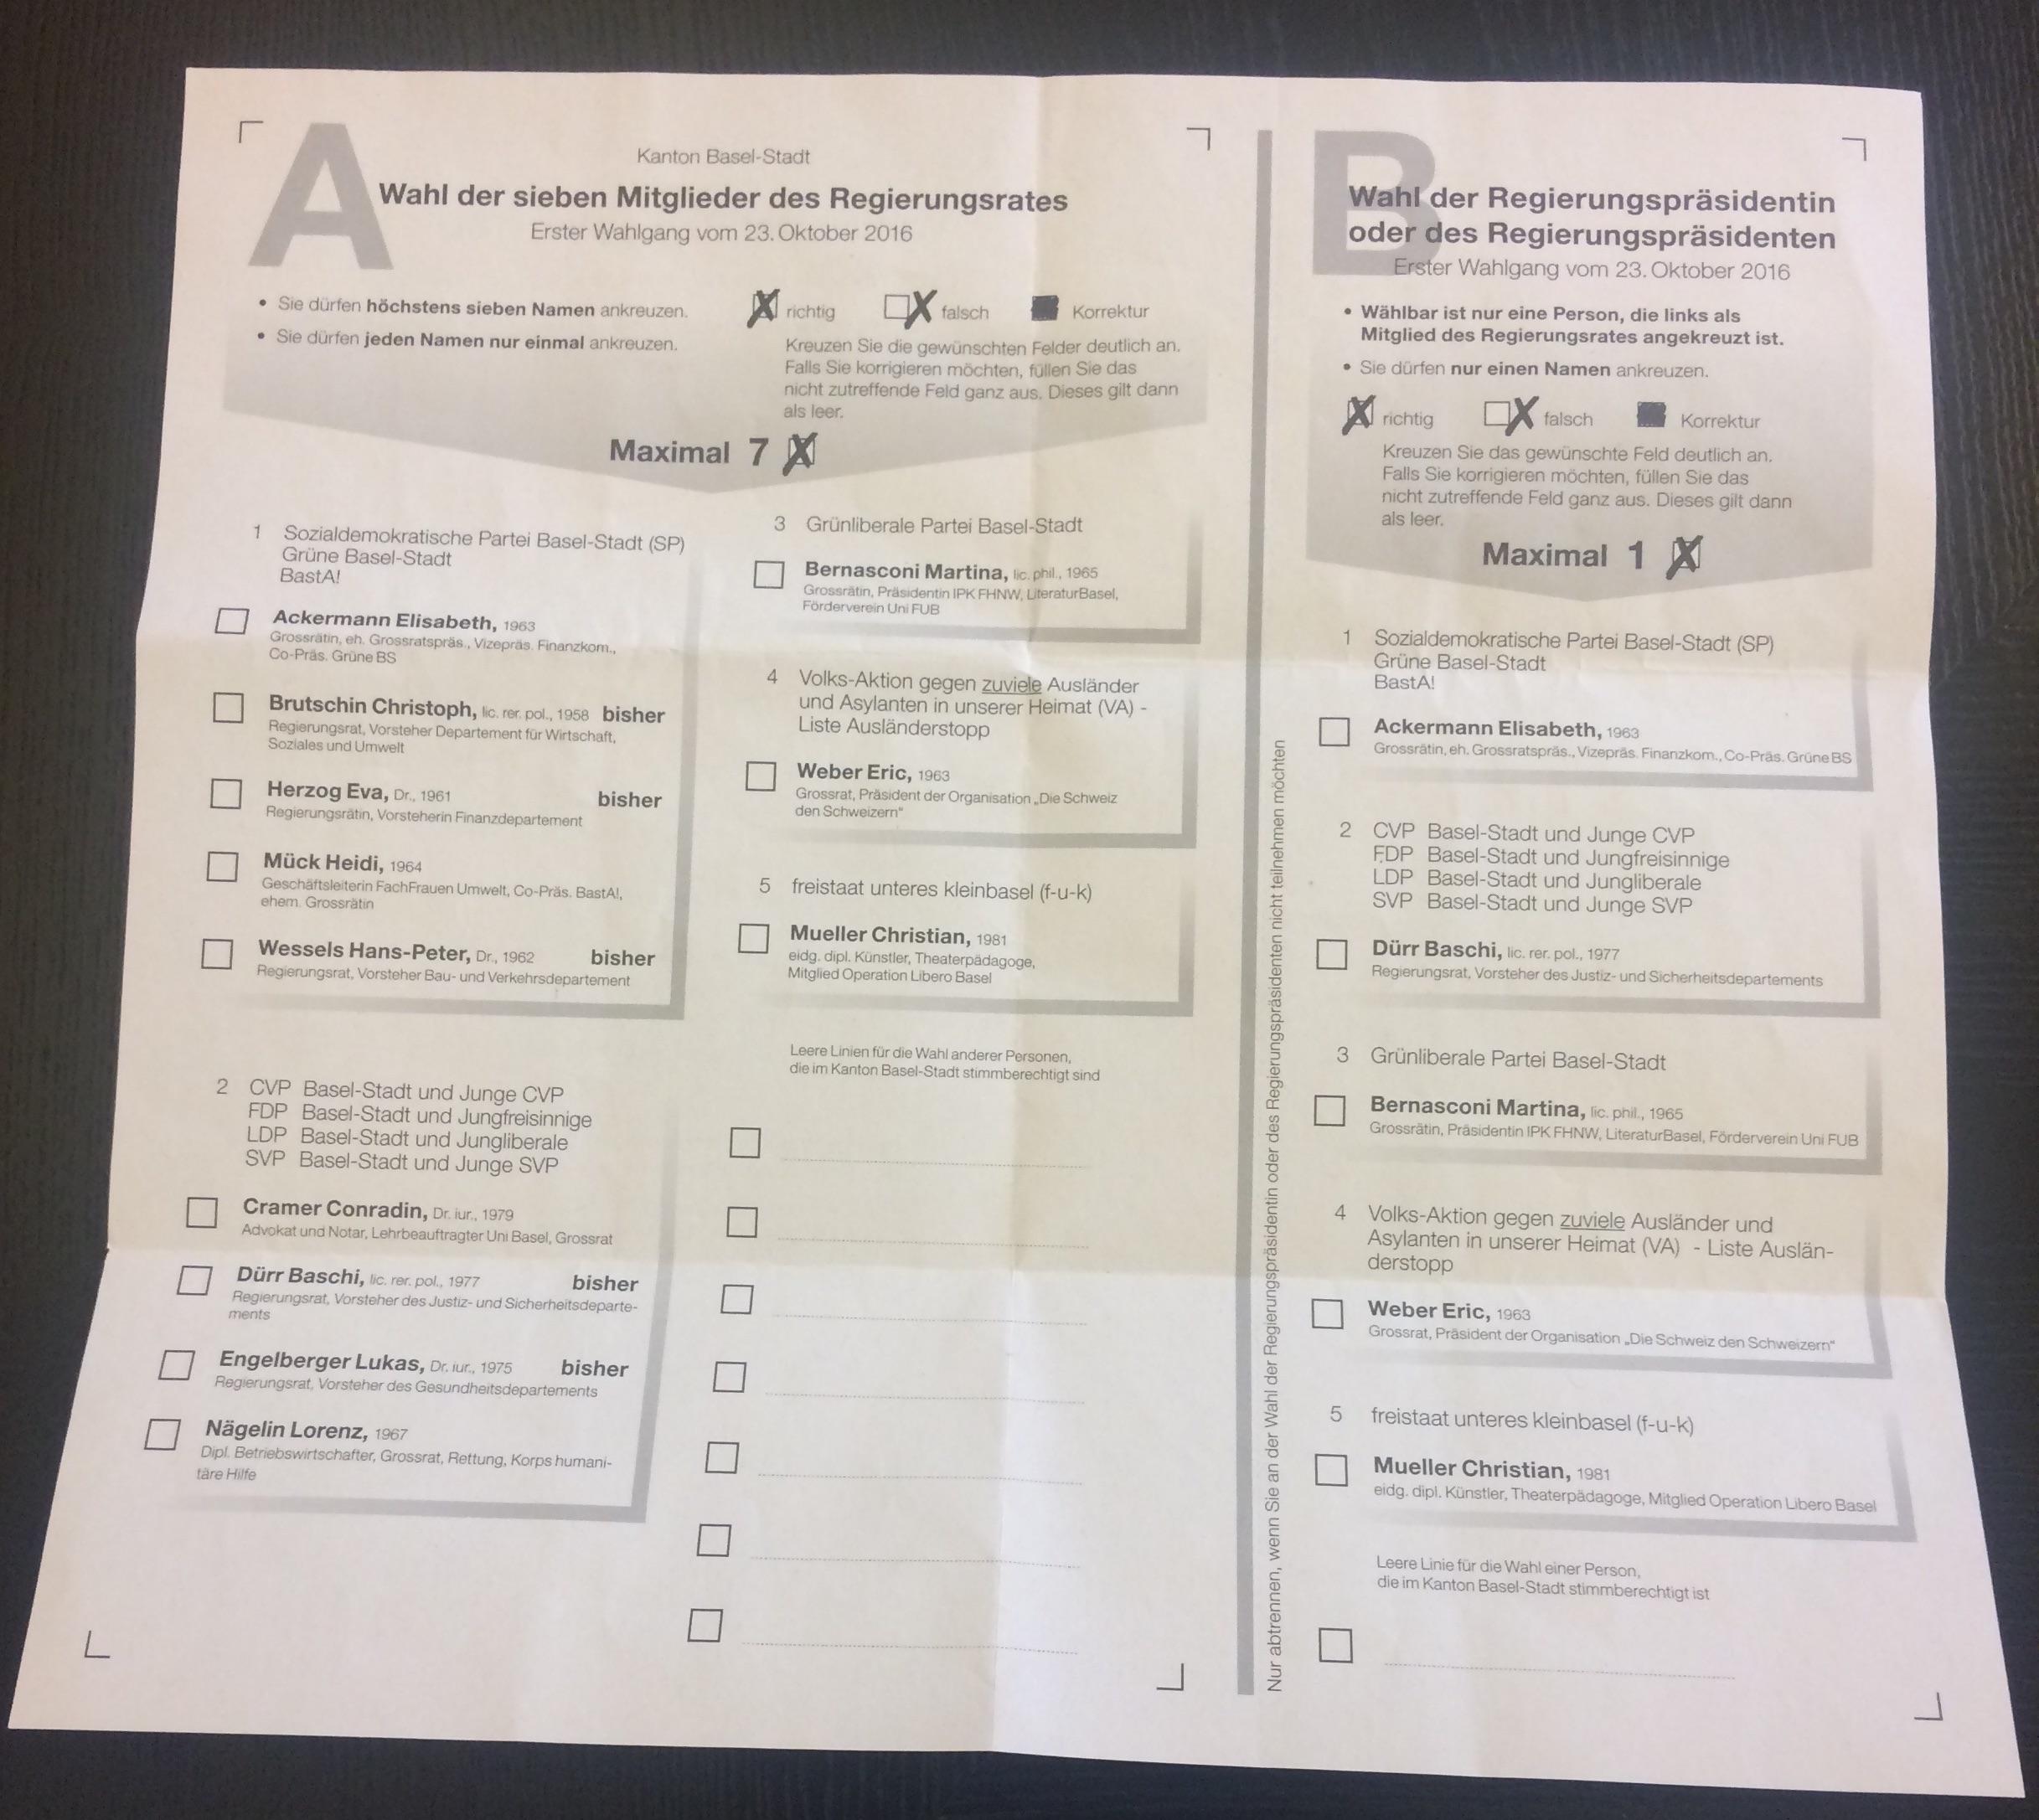 Für viele Wahlberechtigte zu kompliziert: 2936 Stimmen für das Präsidium waren ungültig.